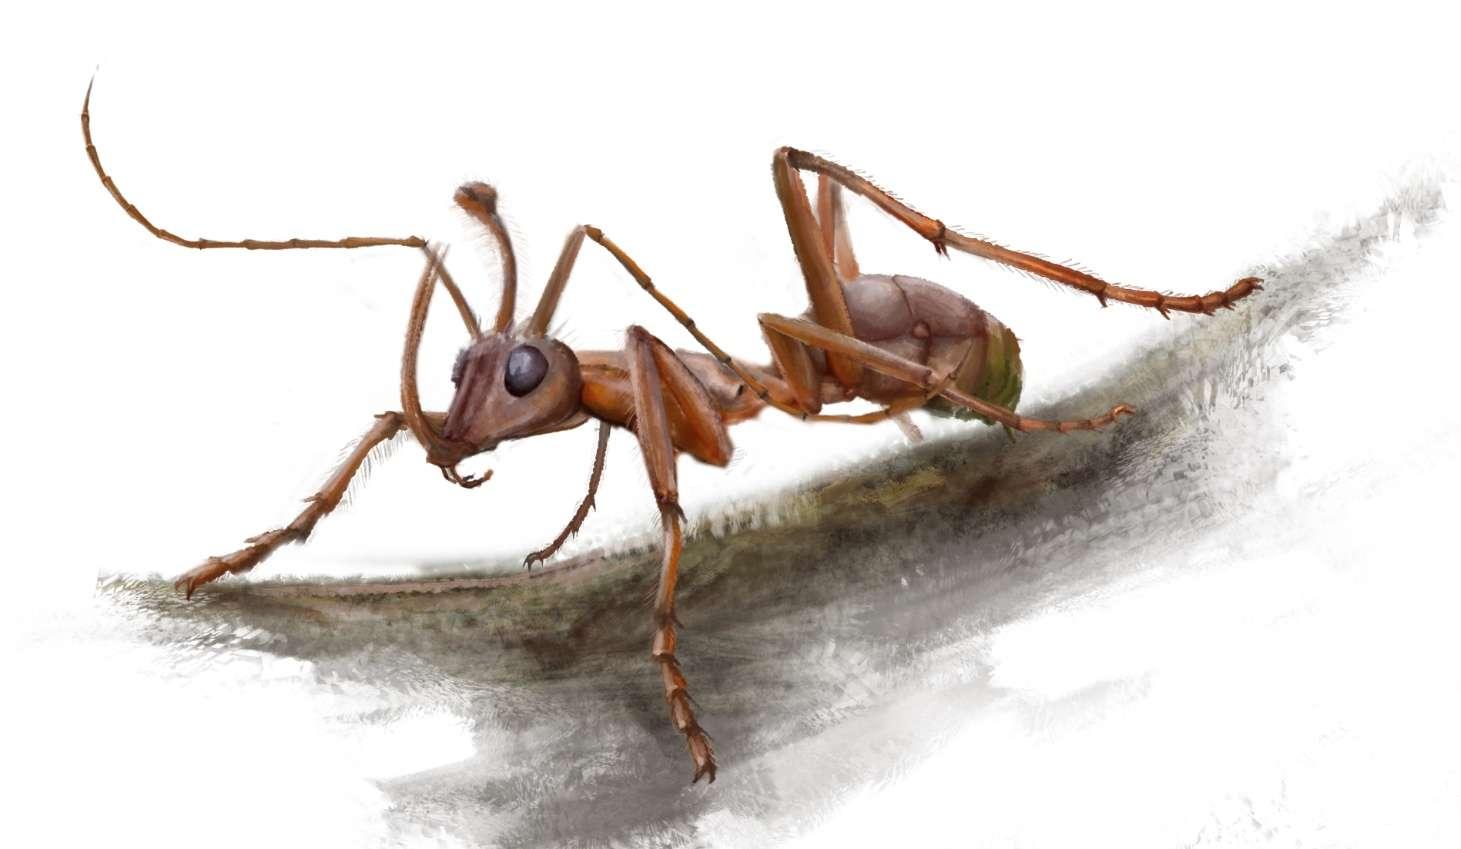 Reconstitution de Ceratomyrmex ellenbergeri basée sur les fossiles exceptionnellement préservés découverts dans l'ambre crétacé du Myanmar. © V. Perrichot